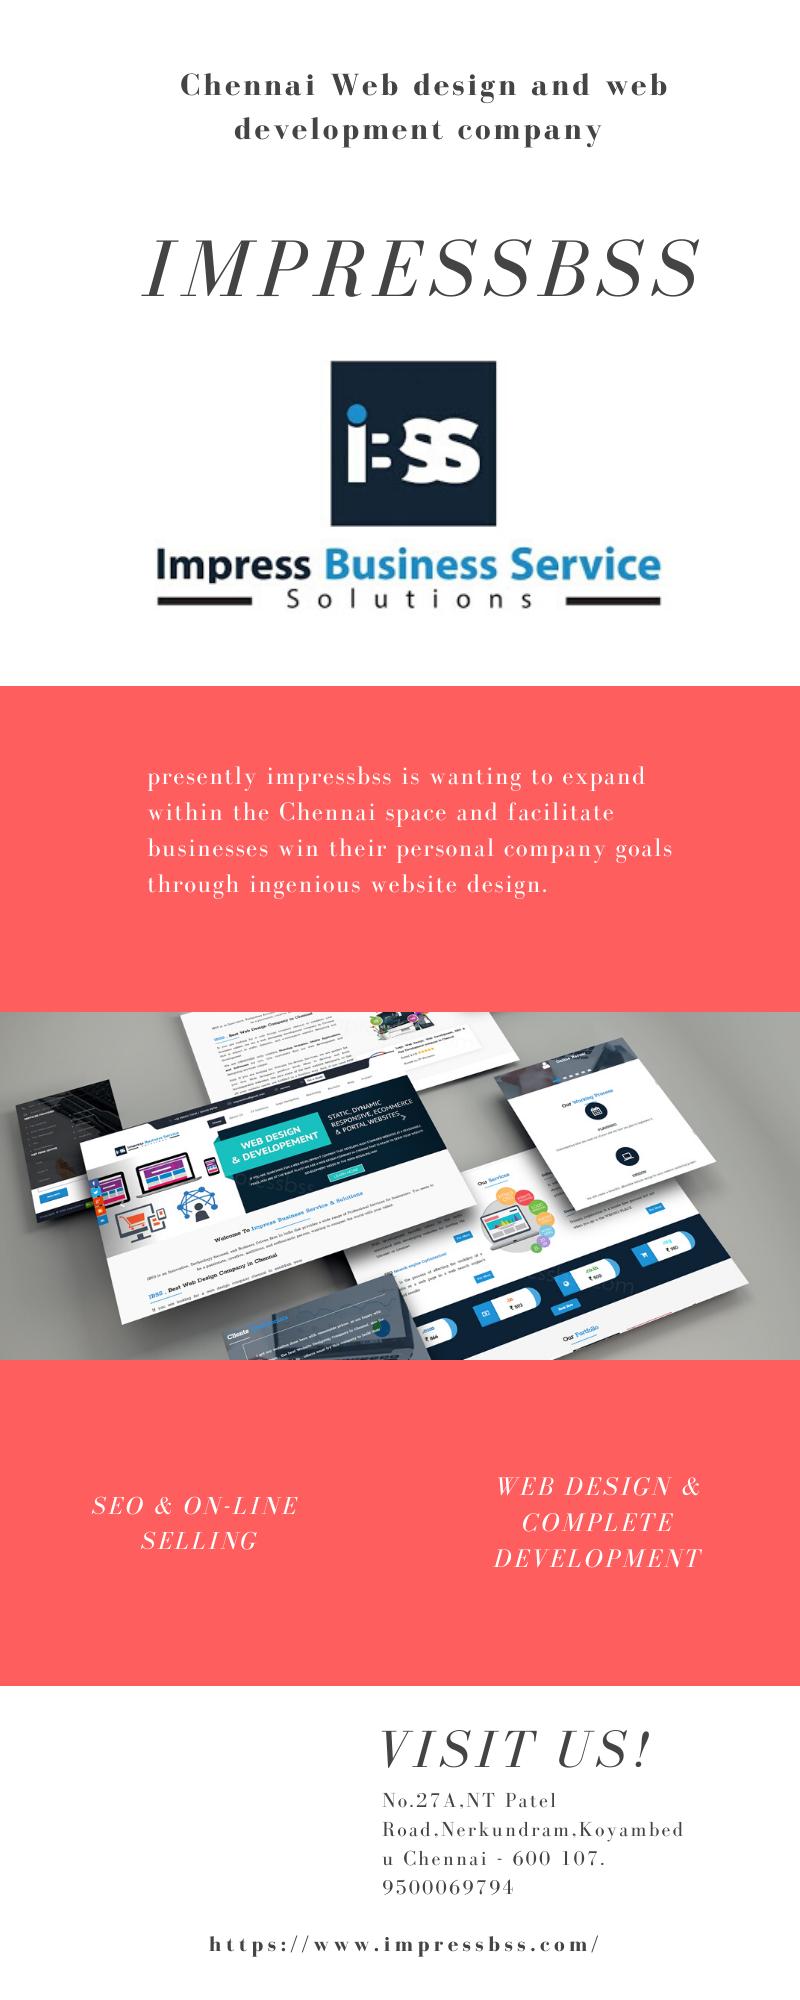 Chennai Web Design And Development Company Impressbss Web Development Design Web Design Company Web Design